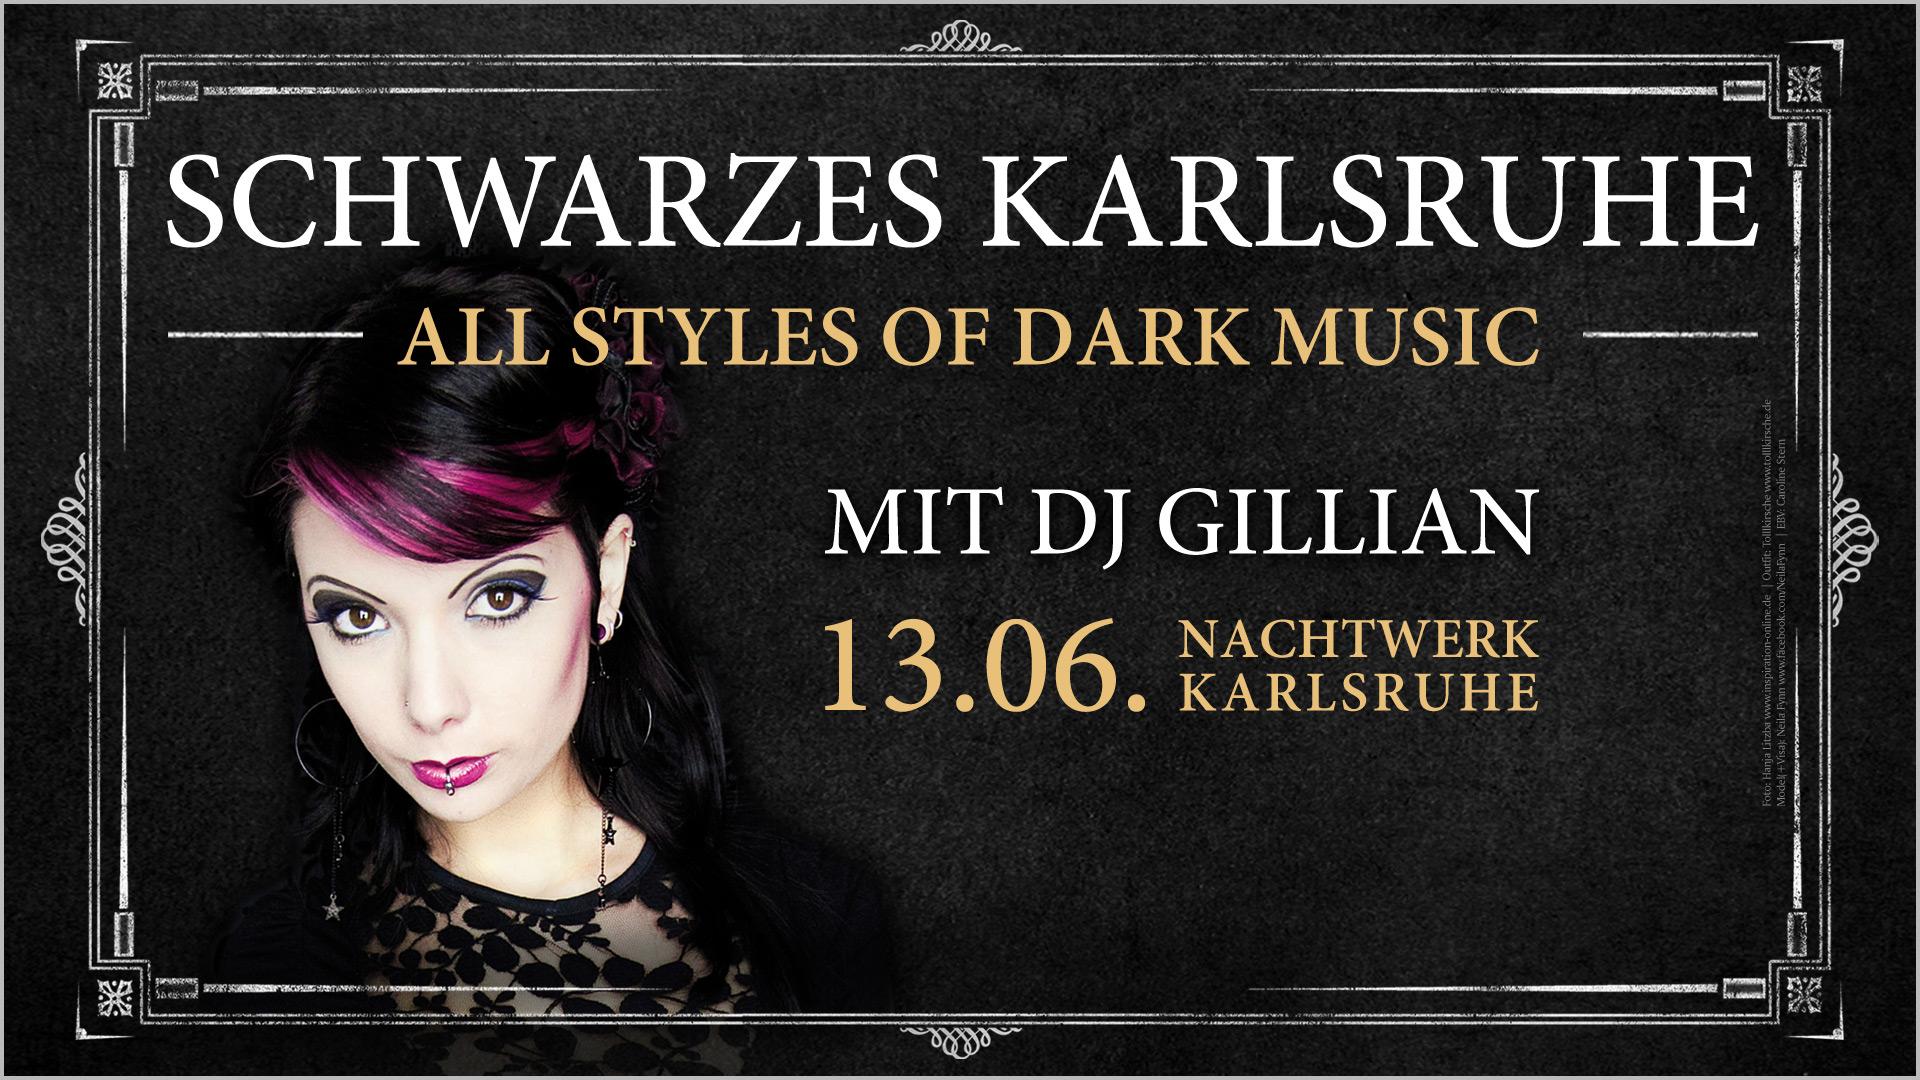 Schwarzes Karlsruhe » Best od Dark Music mit DJ Gillian im Nachtwerk Karlsruhe. Gothic, Wave, Dark Electro, Depeche Mode, 80er, Classics, Mittelalter, Neue Deutsche Härte, Industrial, Synthi-Pop, Future-Pop, EBM,...